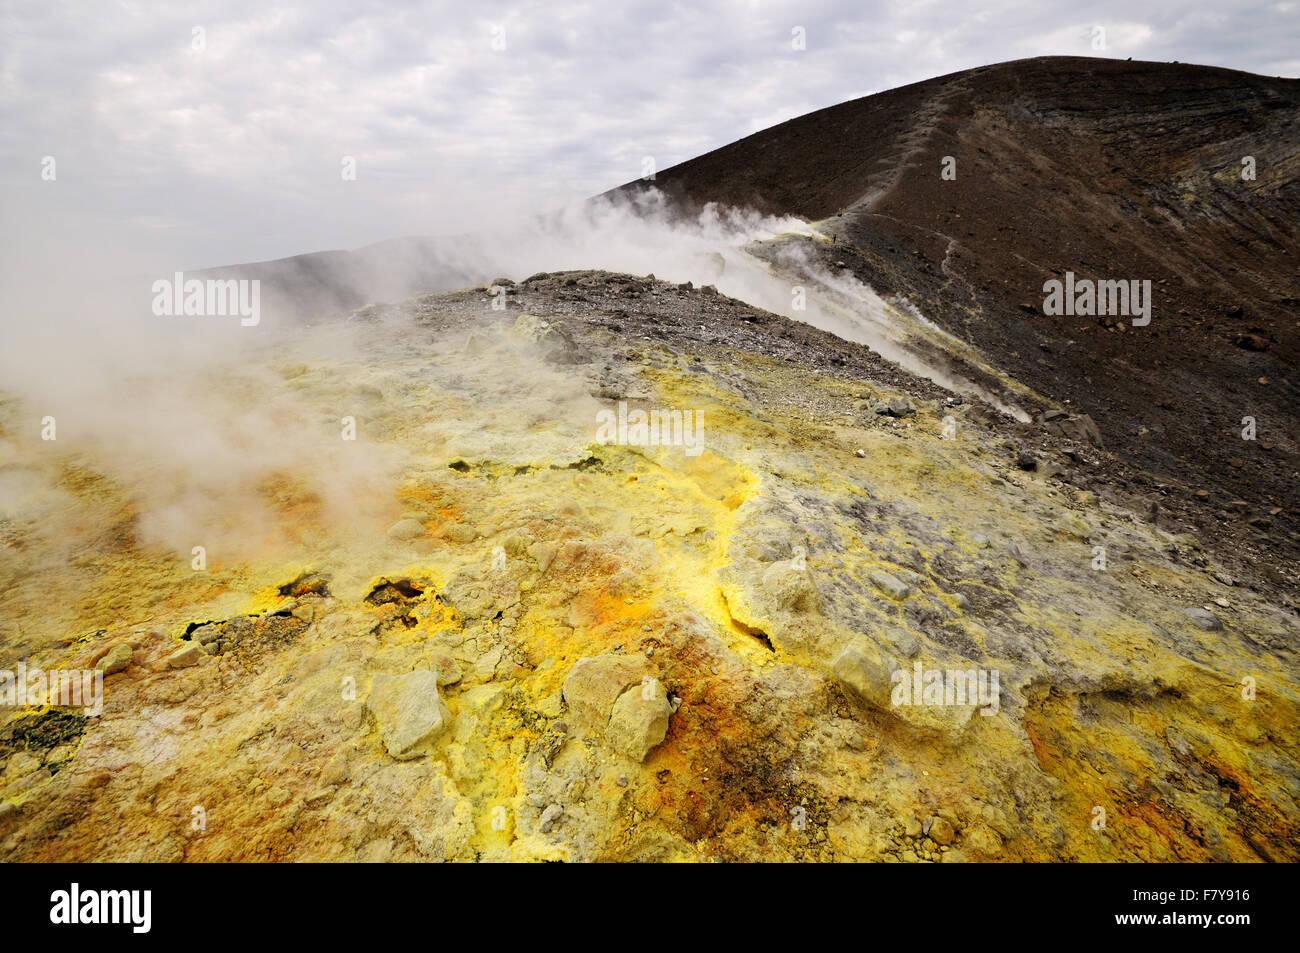 Les fumerolles et le soufre dans le cratère actif (Gran Cratere) de Vulcano, Iles Eoliennes, Sicile, Italie Photo Stock